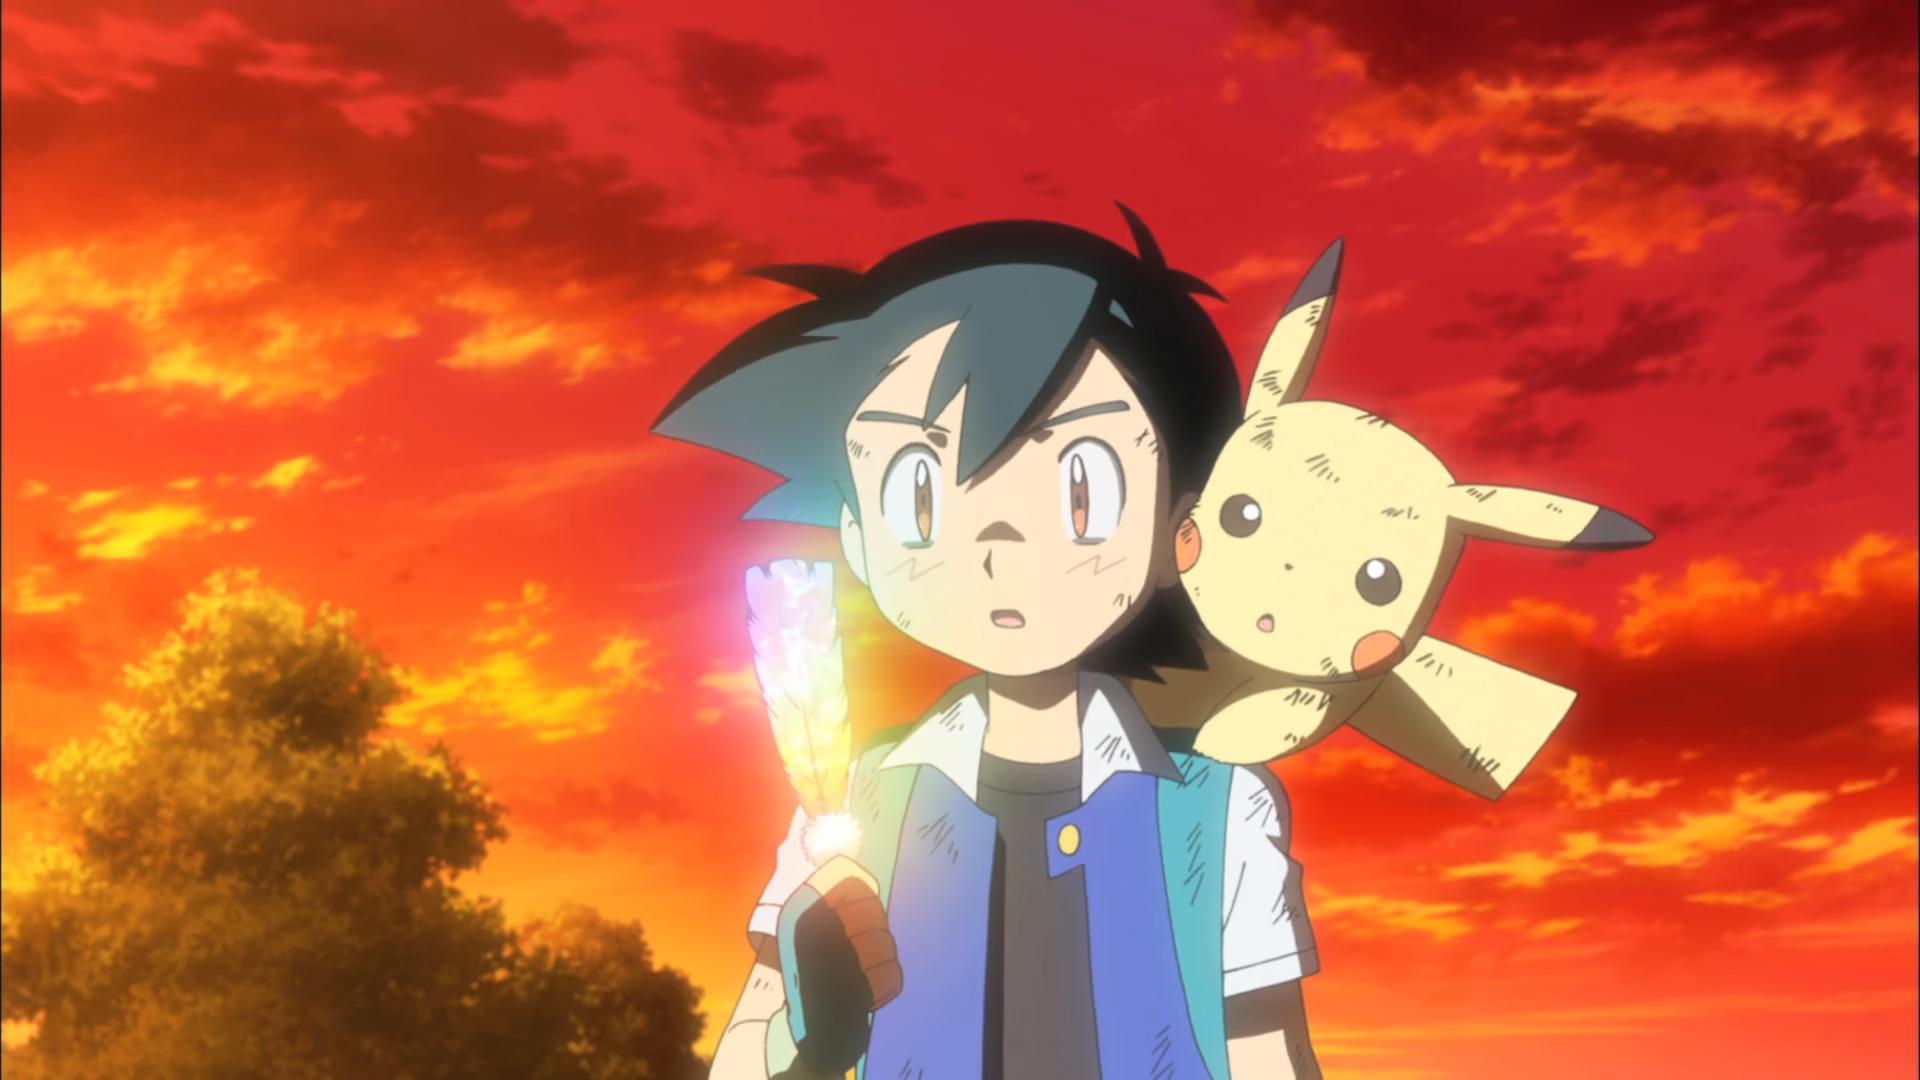 Pokémon the Movie: I Choose You! - Ash and Pikachu